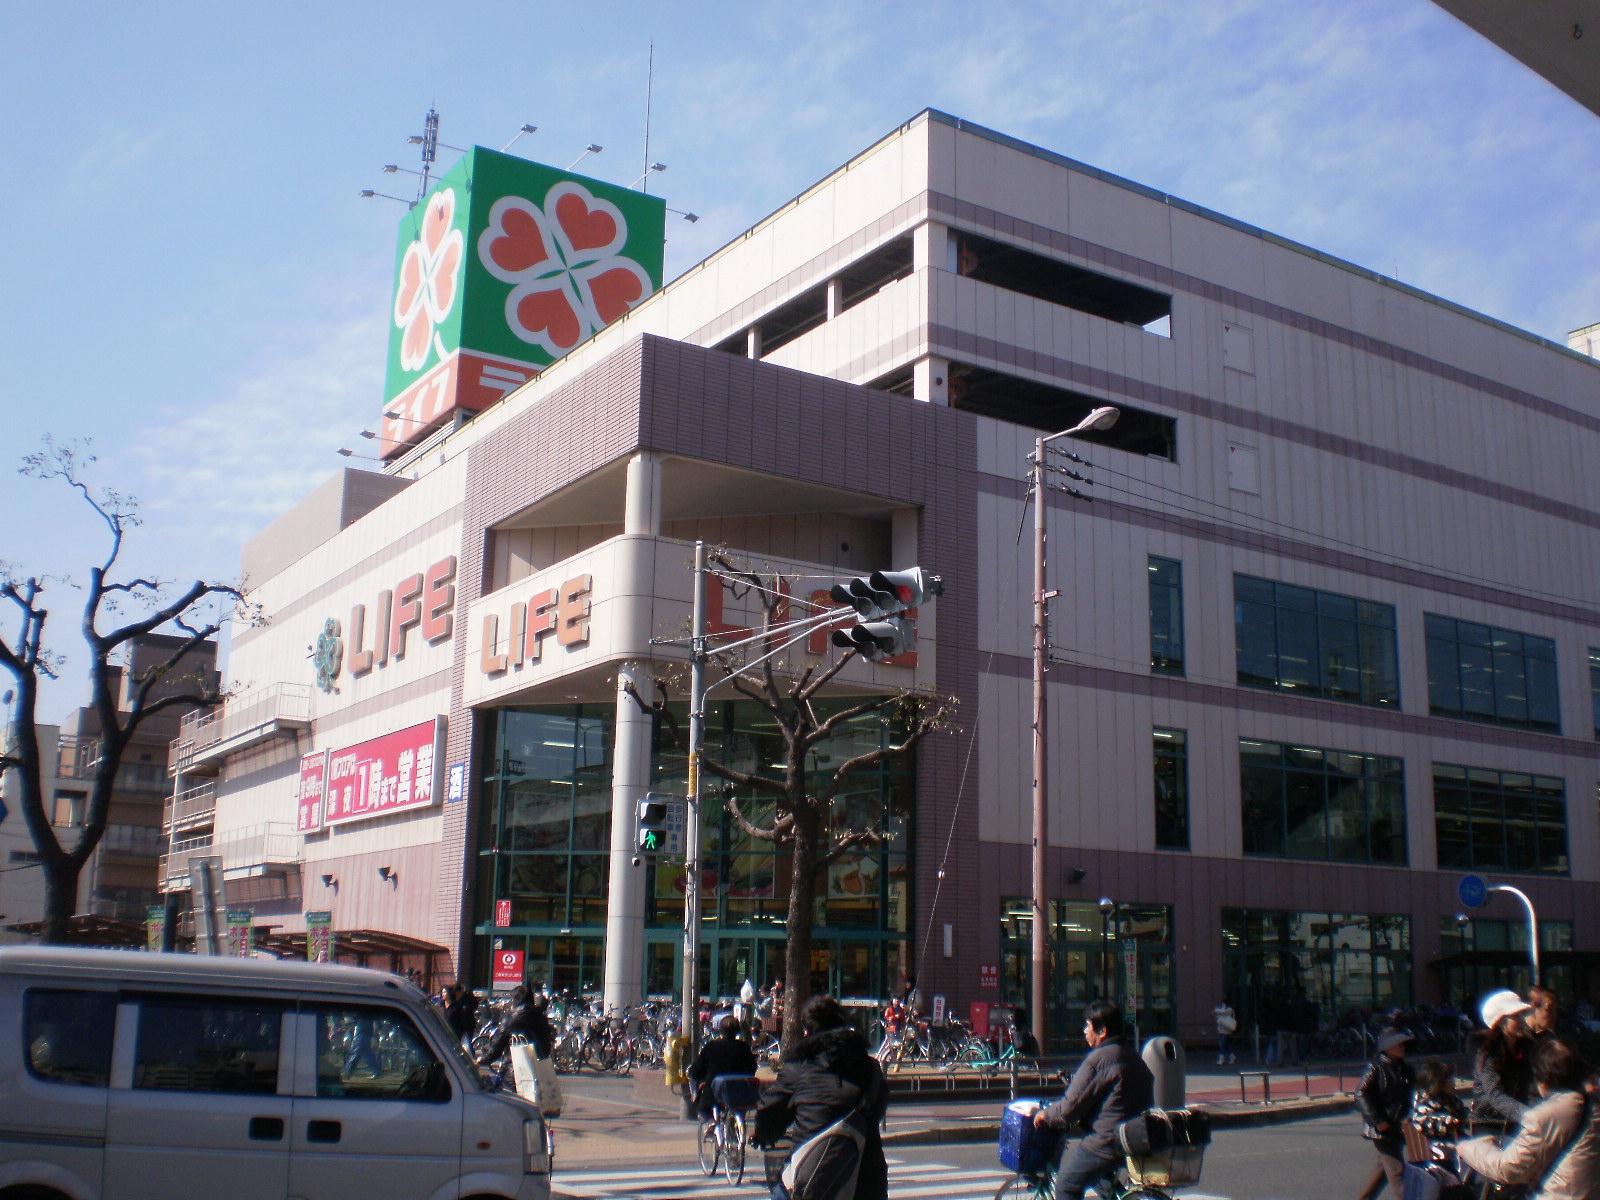 スーパー ライフ喜連瓜破店(スーパー)まで894m